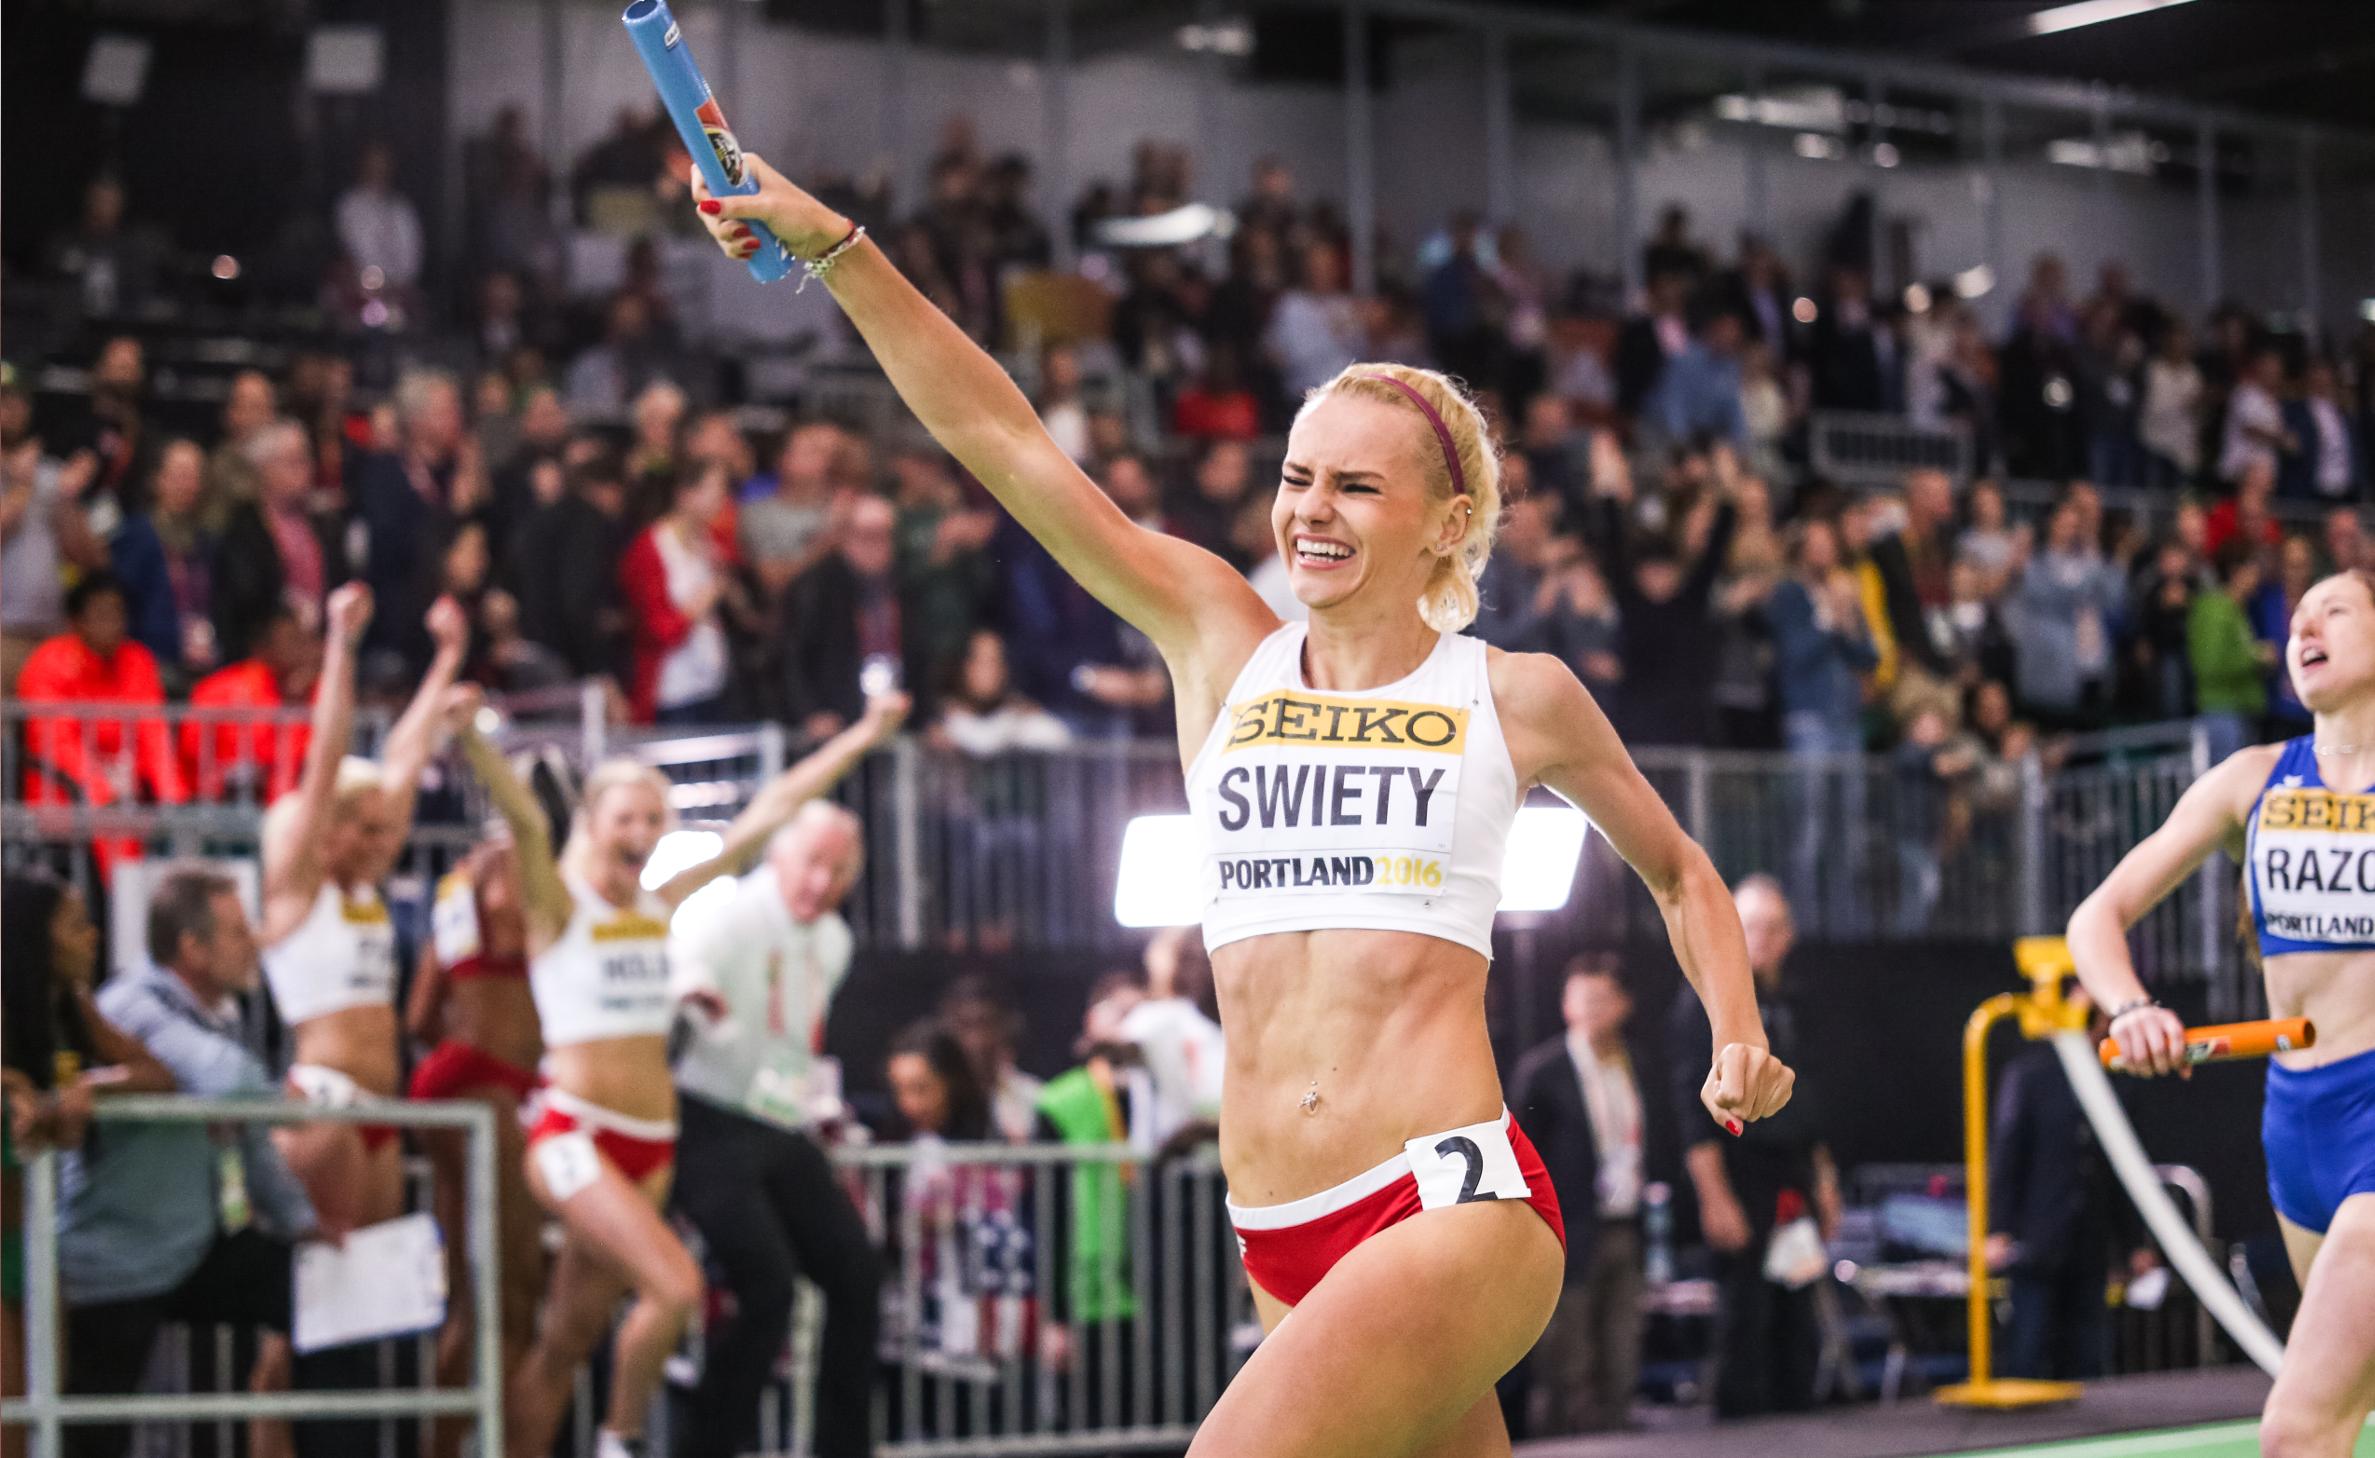 Mistrzostwa Polski w lekkiej atletyce